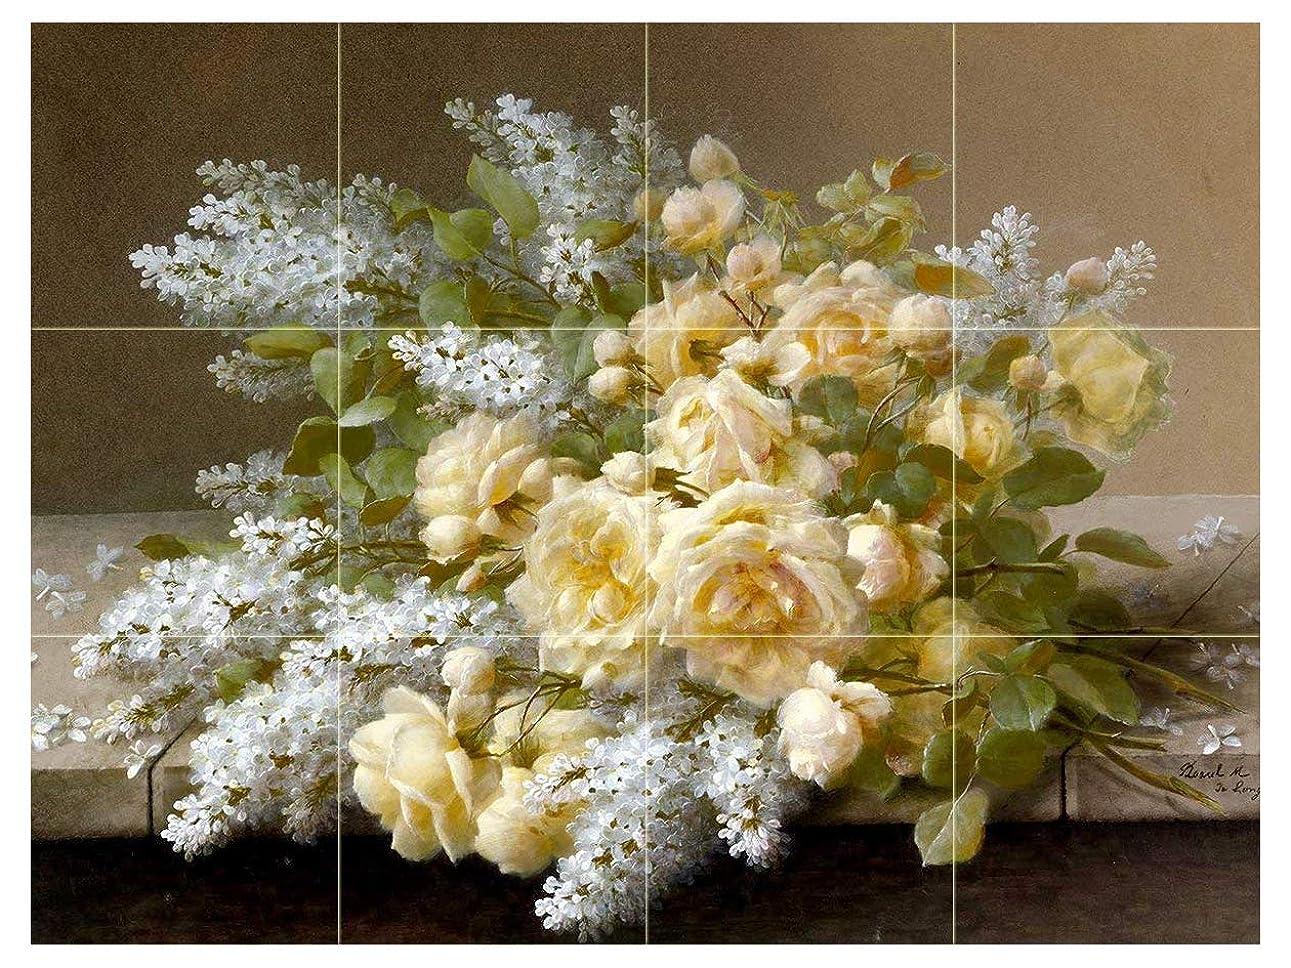 放射性運搬コモランマStill Life with Roses andホワイトLilacs by Raoul de Longpreフラワータイル壁画キッチンバスルーム壁後ろの油ストーブ範囲シンク止め板4?x 3?4.25インチセラミック、光沢 4.25